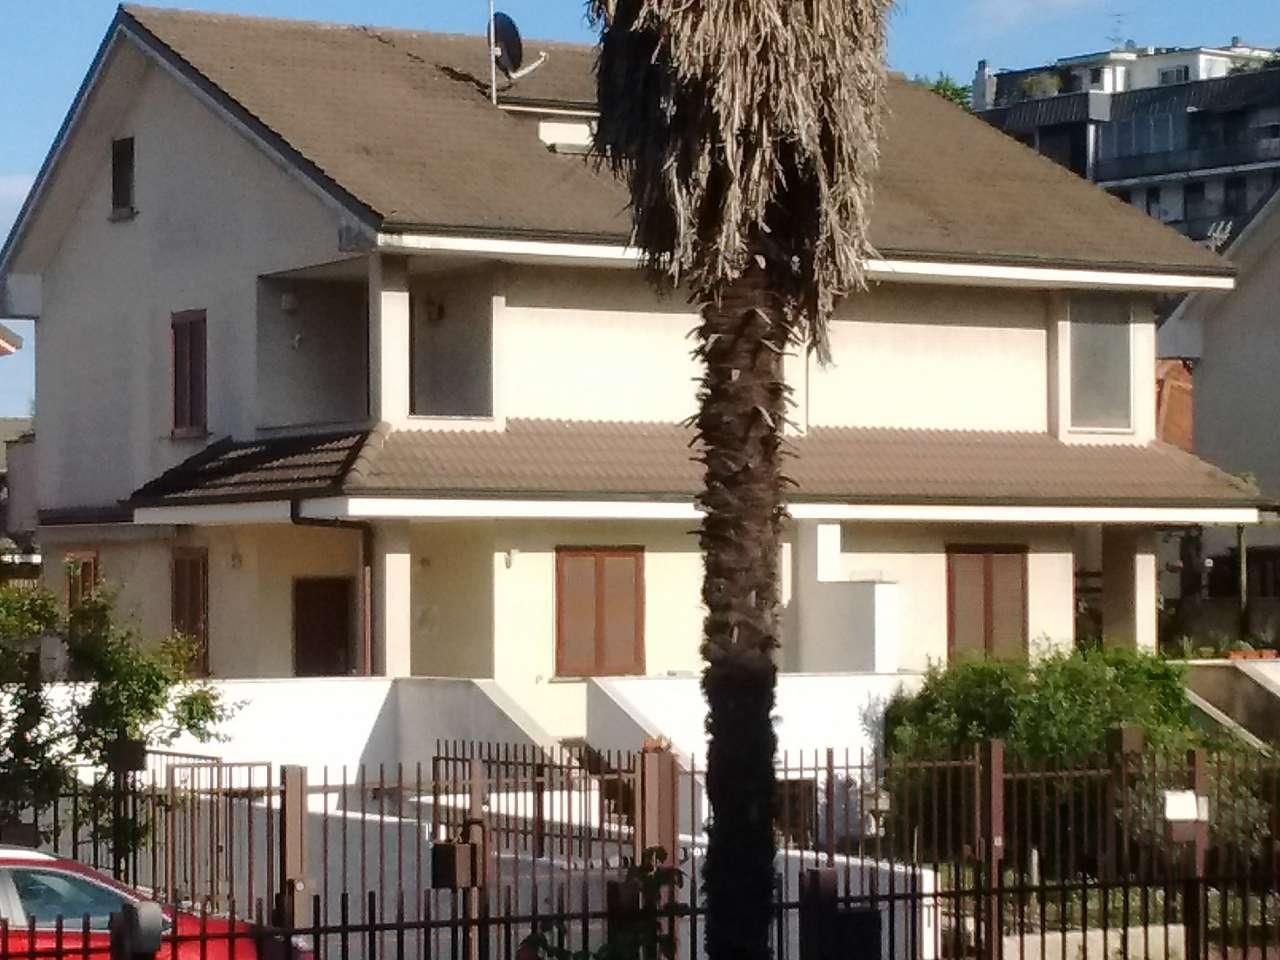 Villa in vendita a Brugherio, 6 locali, prezzo € 540.000 | CambioCasa.it